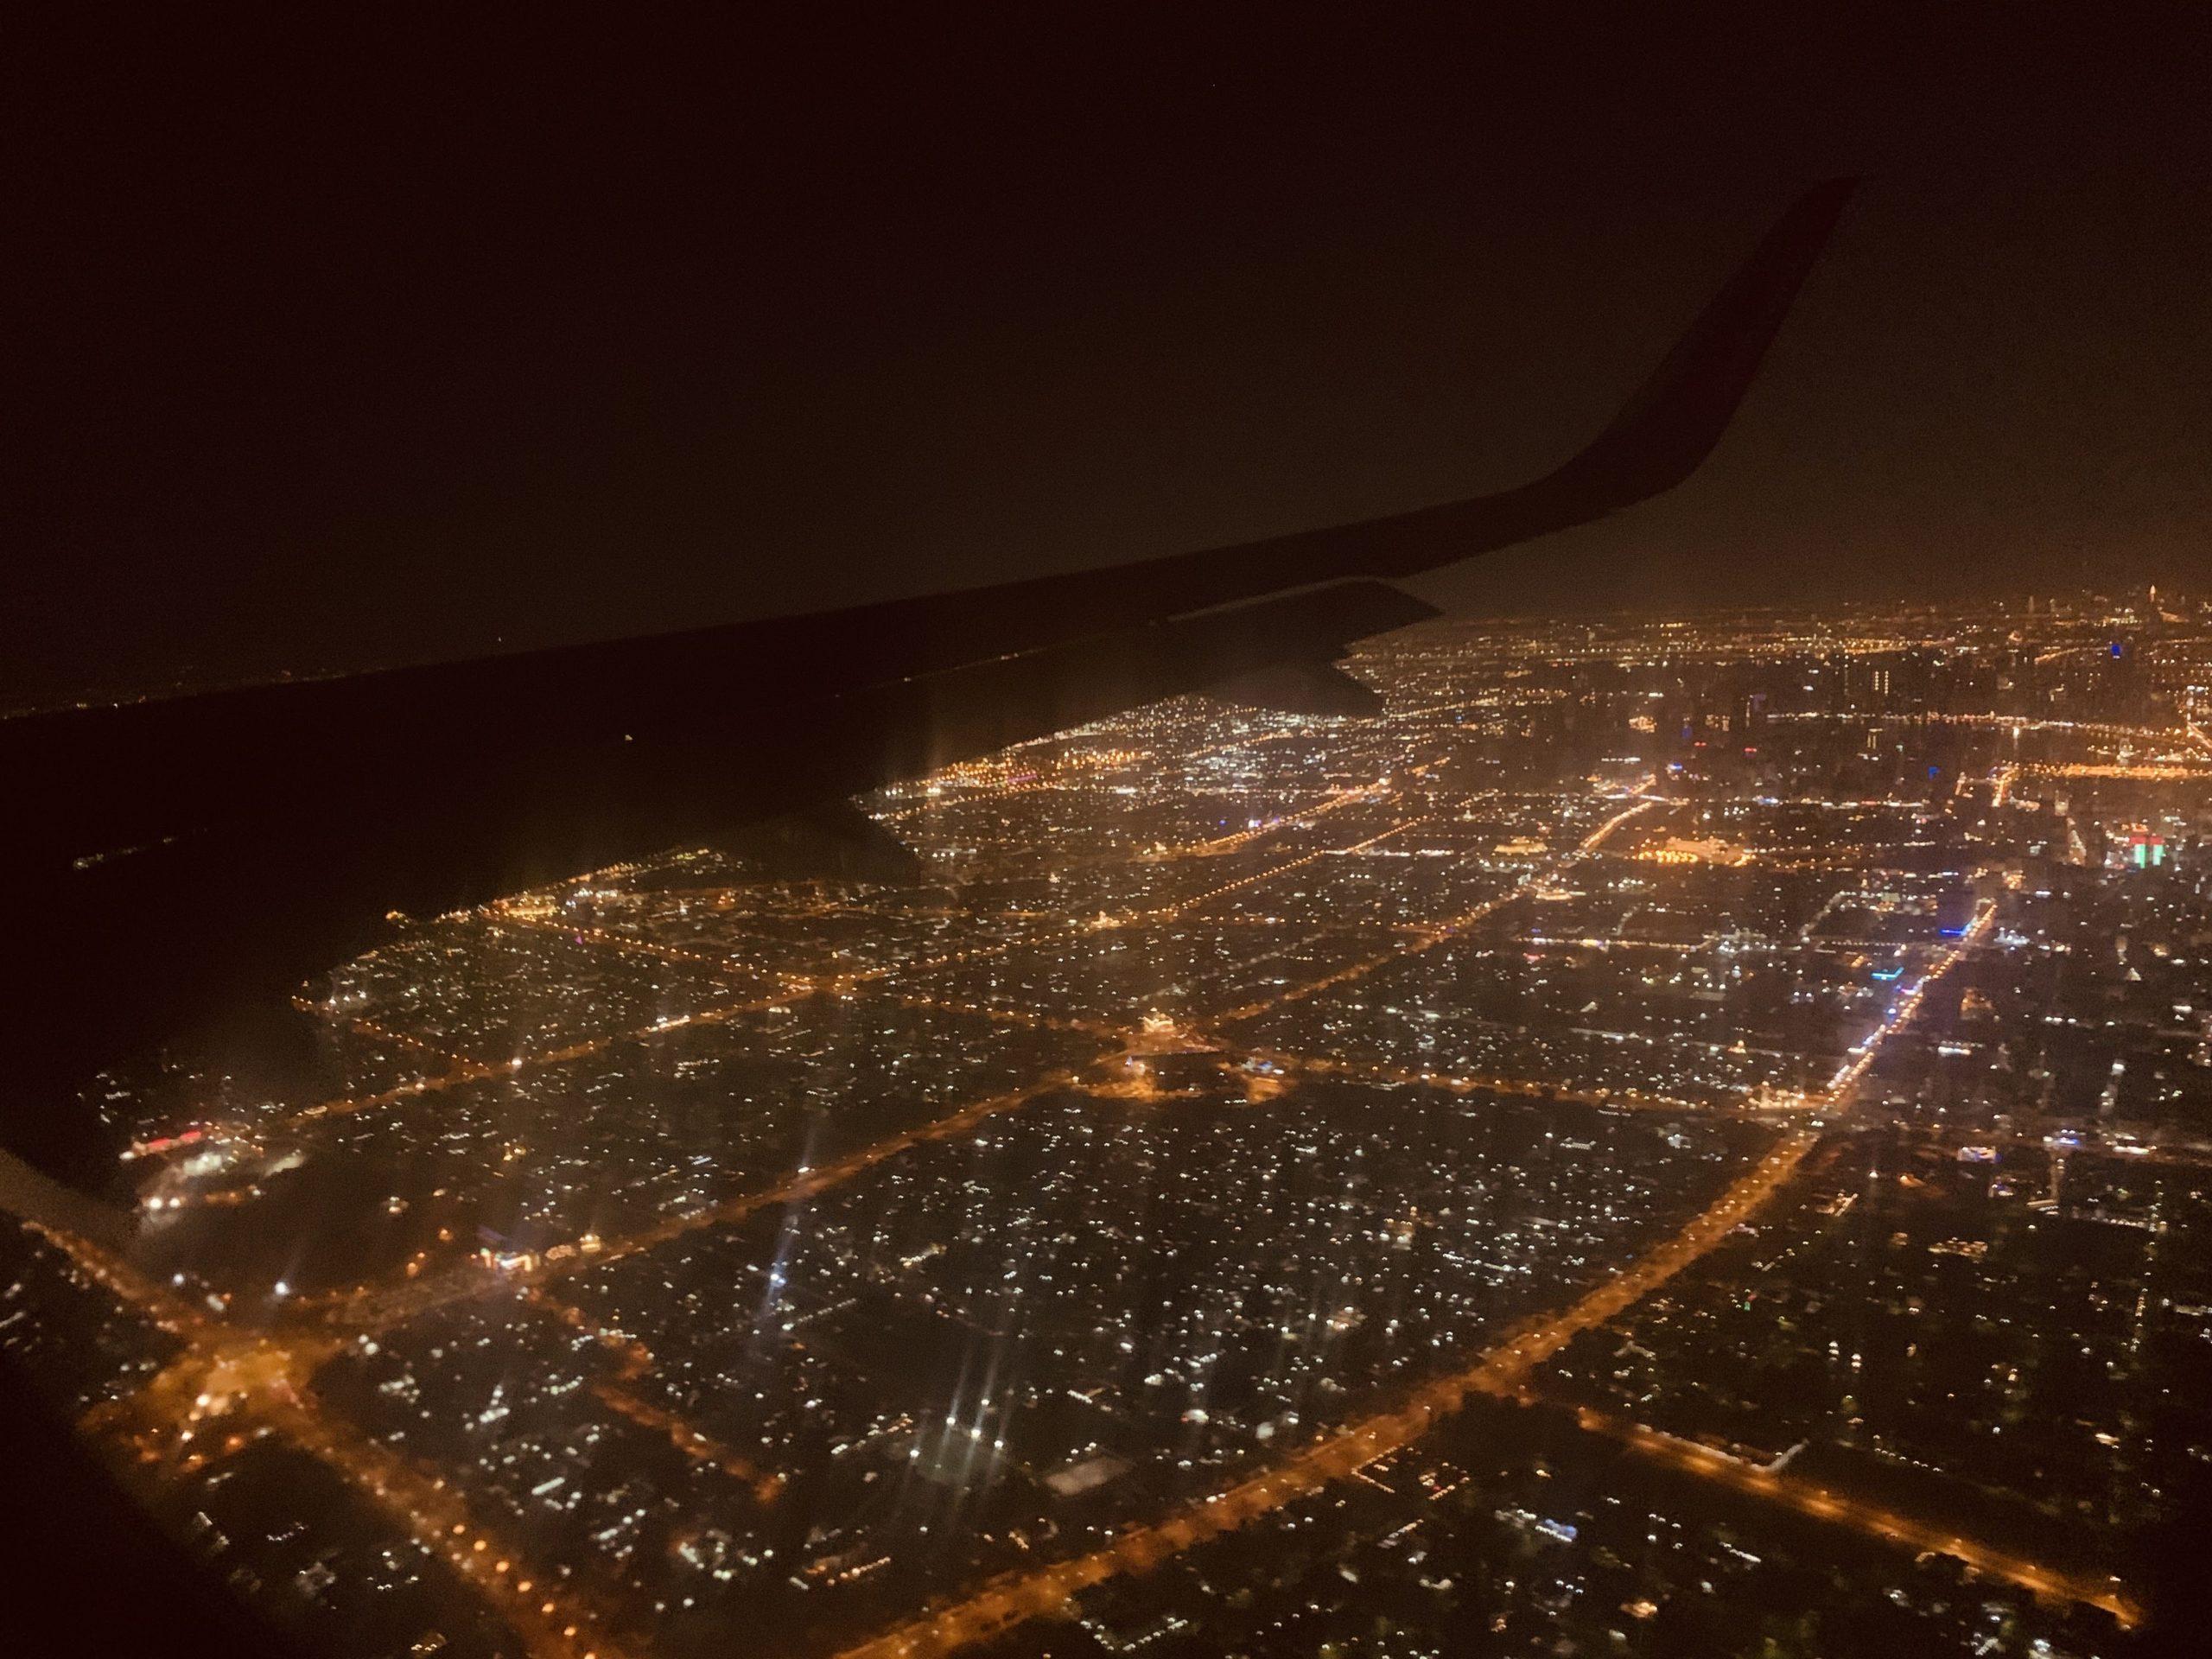 【プレハネ19カ国目】アフリカ3大凶悪都市、ケニアのナイロビでプレハネ再開!